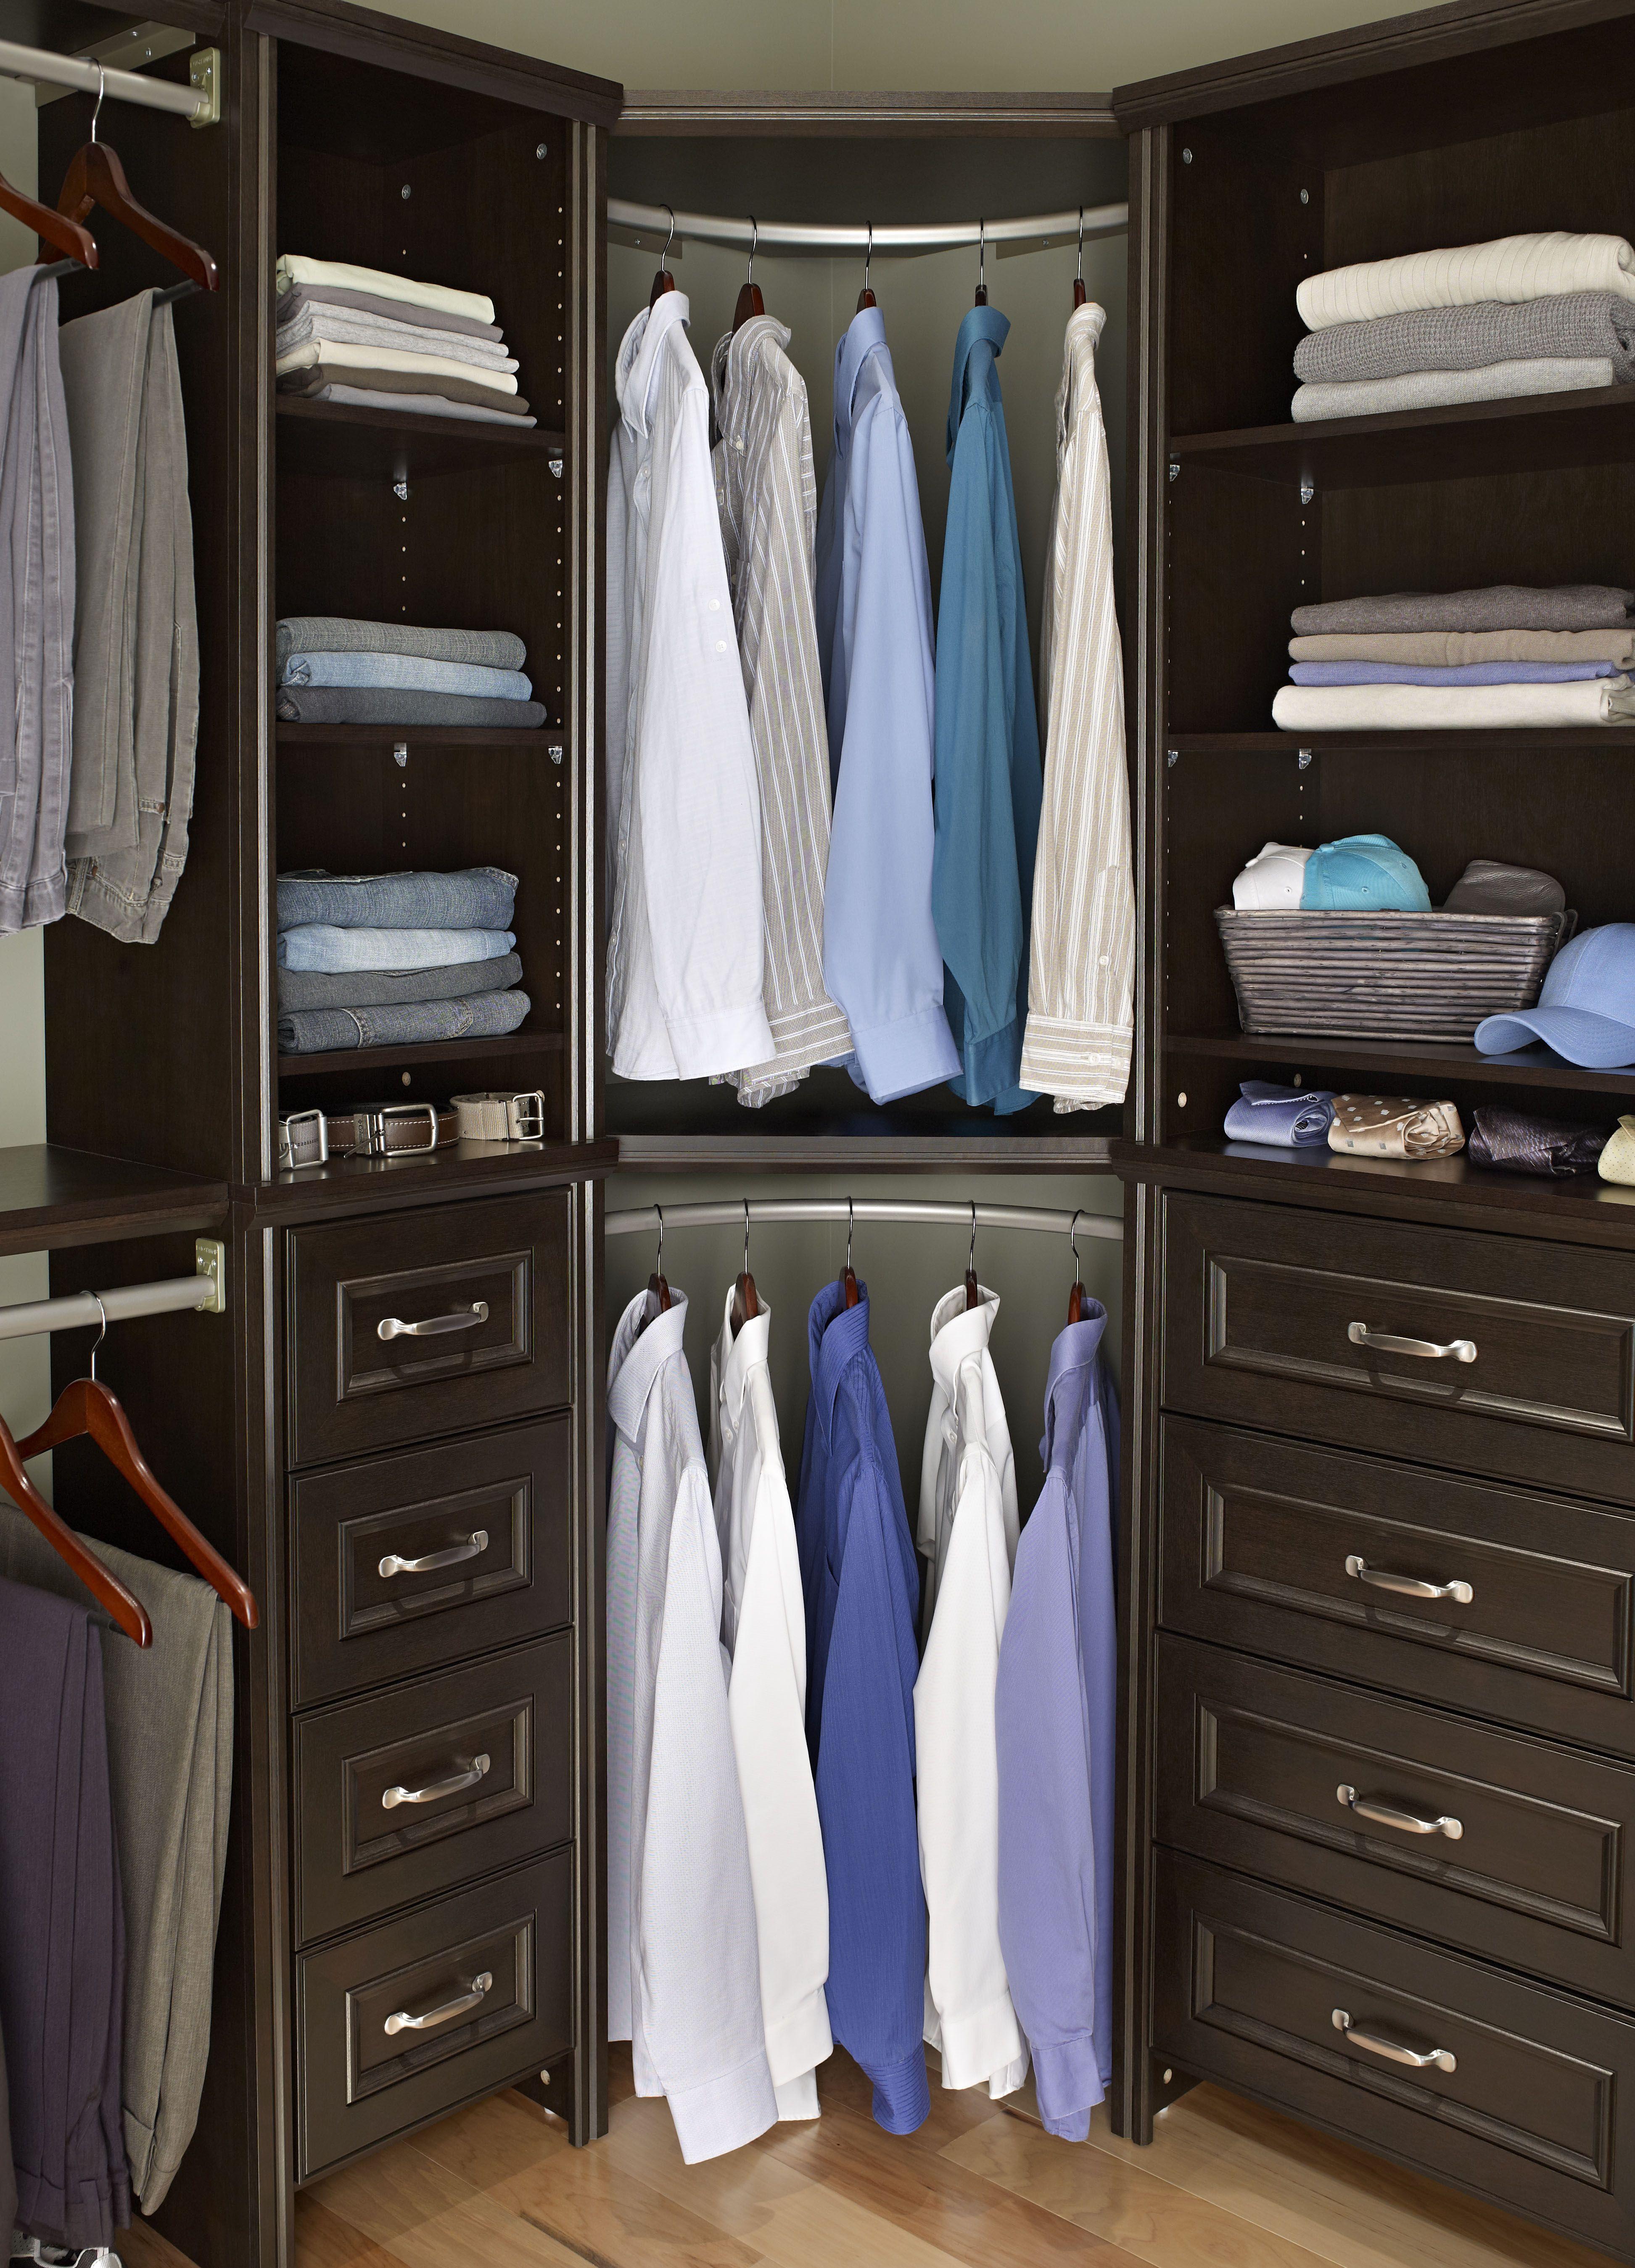 Home Depot ClosetMaid | ClosetMaid Blog Make your closet ...